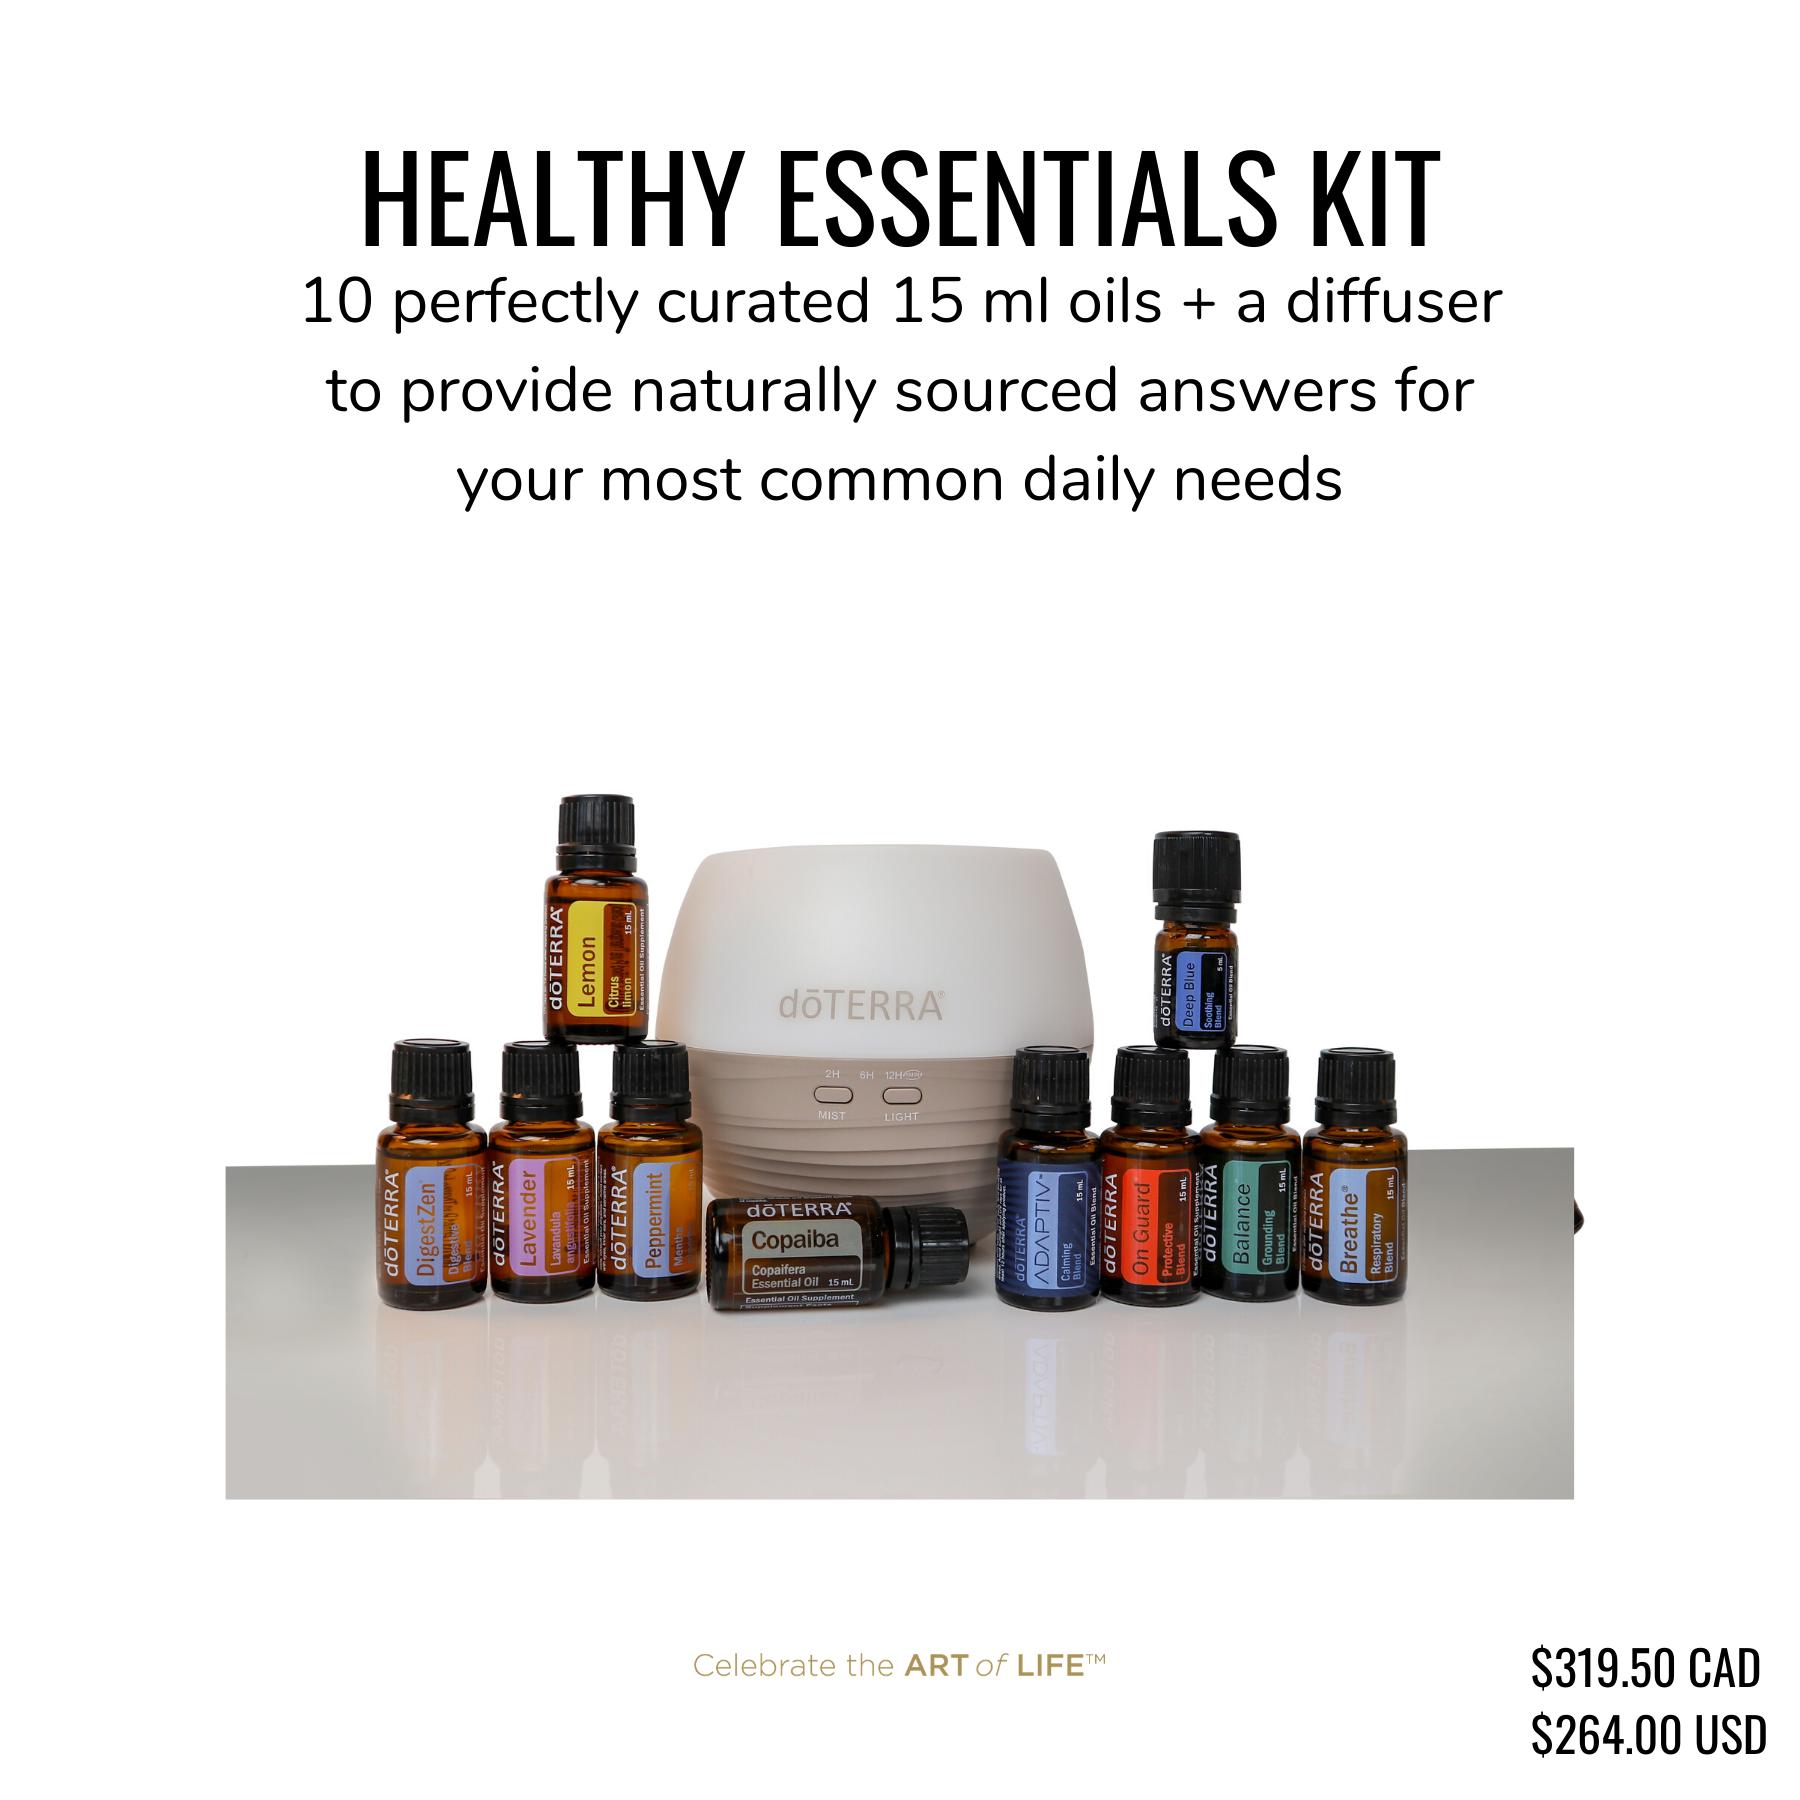 doTERRA Healthy Essentials Starter Kit